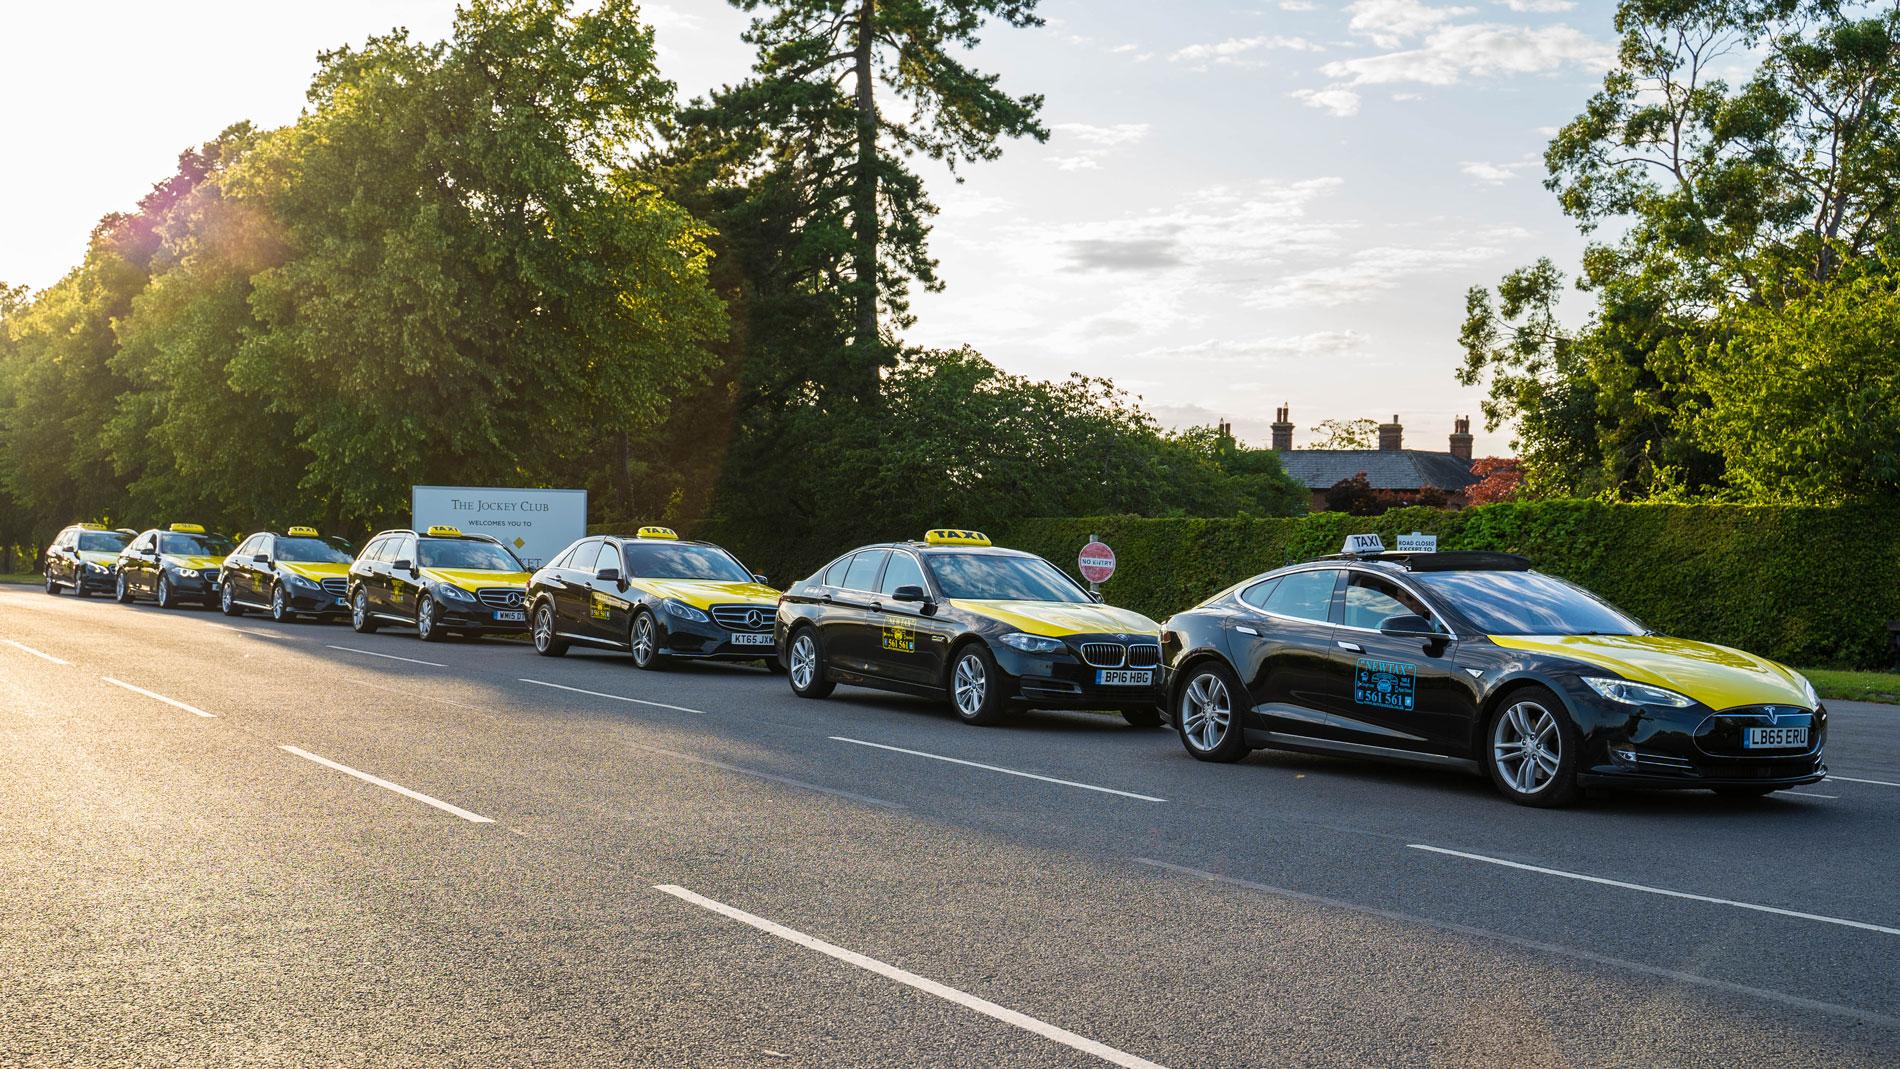 Newtax taxi fleet newmarket